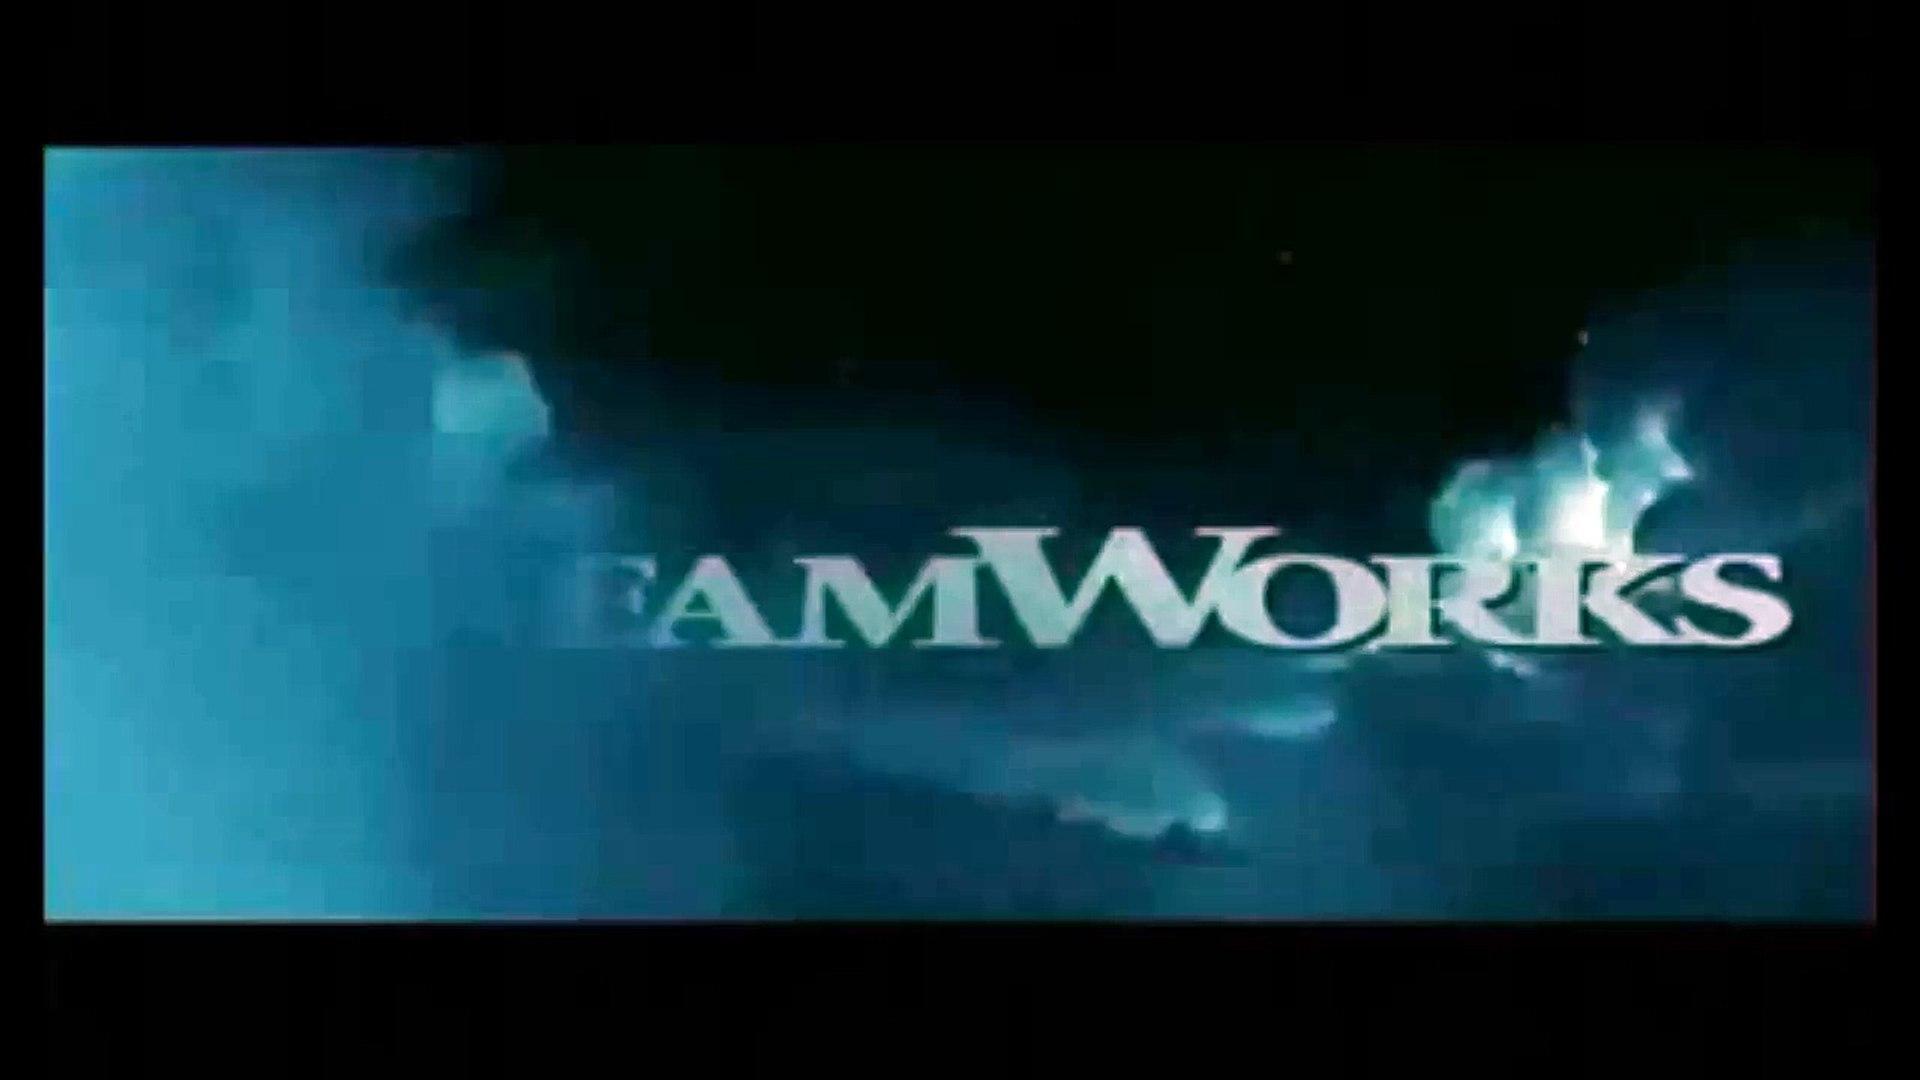 когда выйдет фильм Хоббит 3: Битва пяти воинств 2014